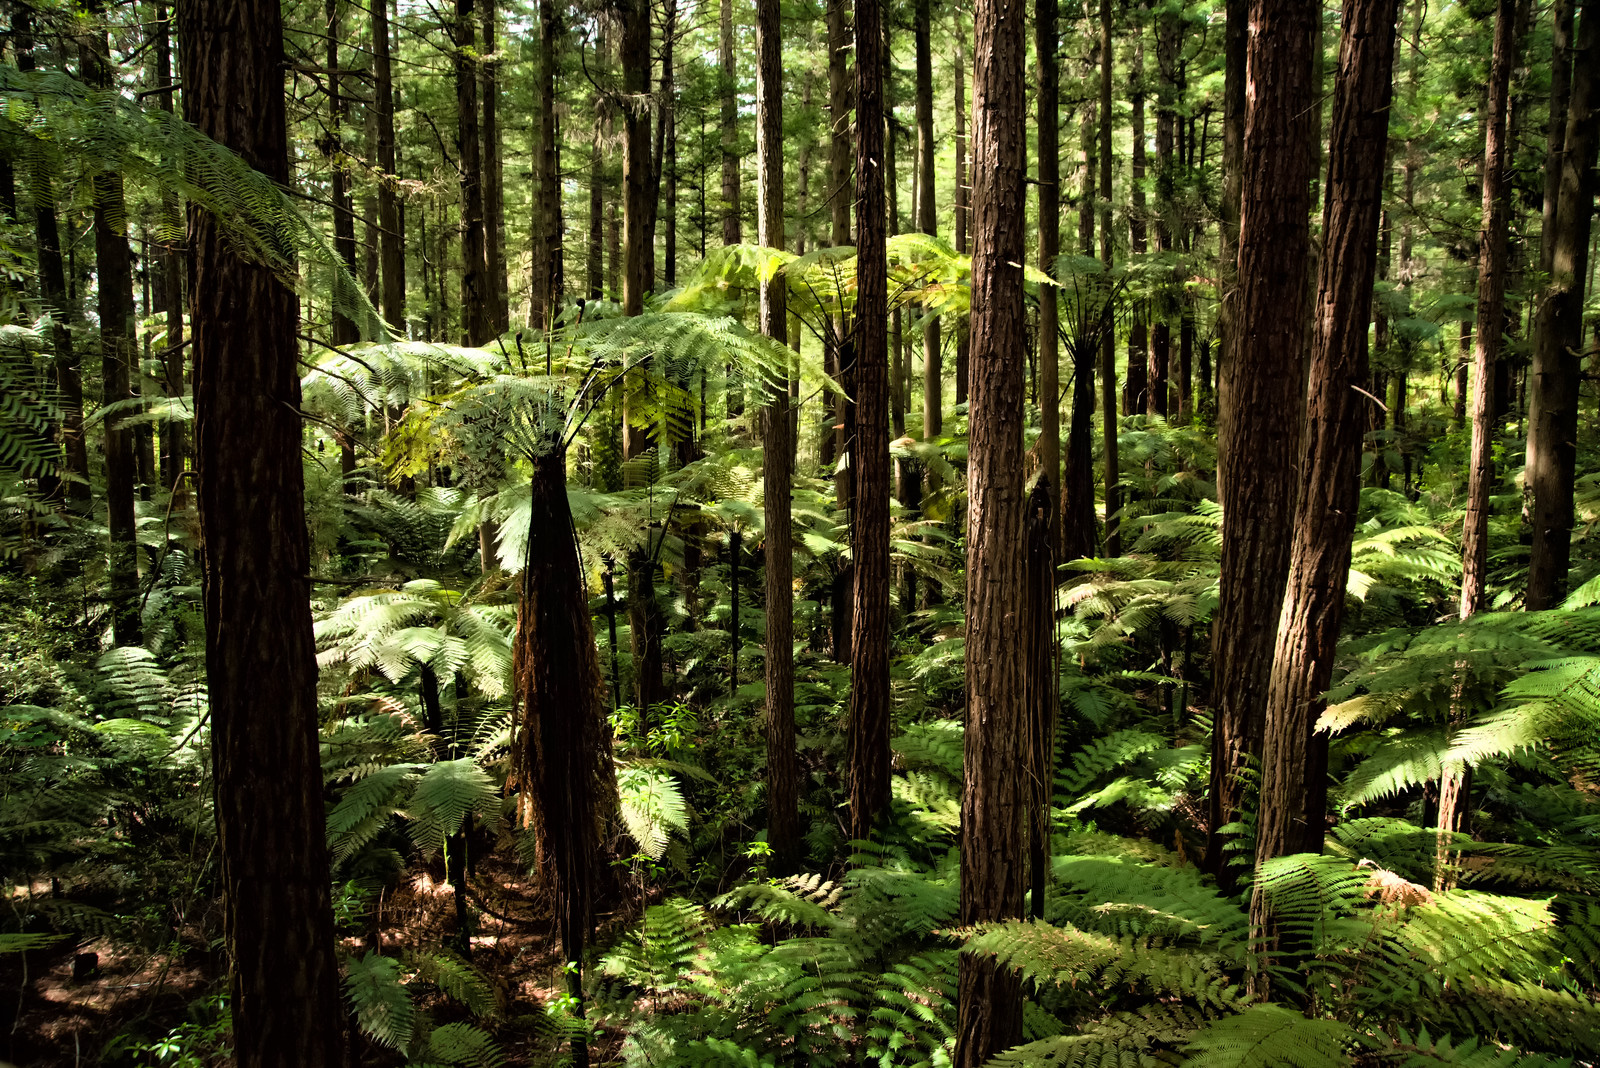 「ジャイアントセコイアとシルバーファーンの森と差し込む光(ニュージーランド)」の写真